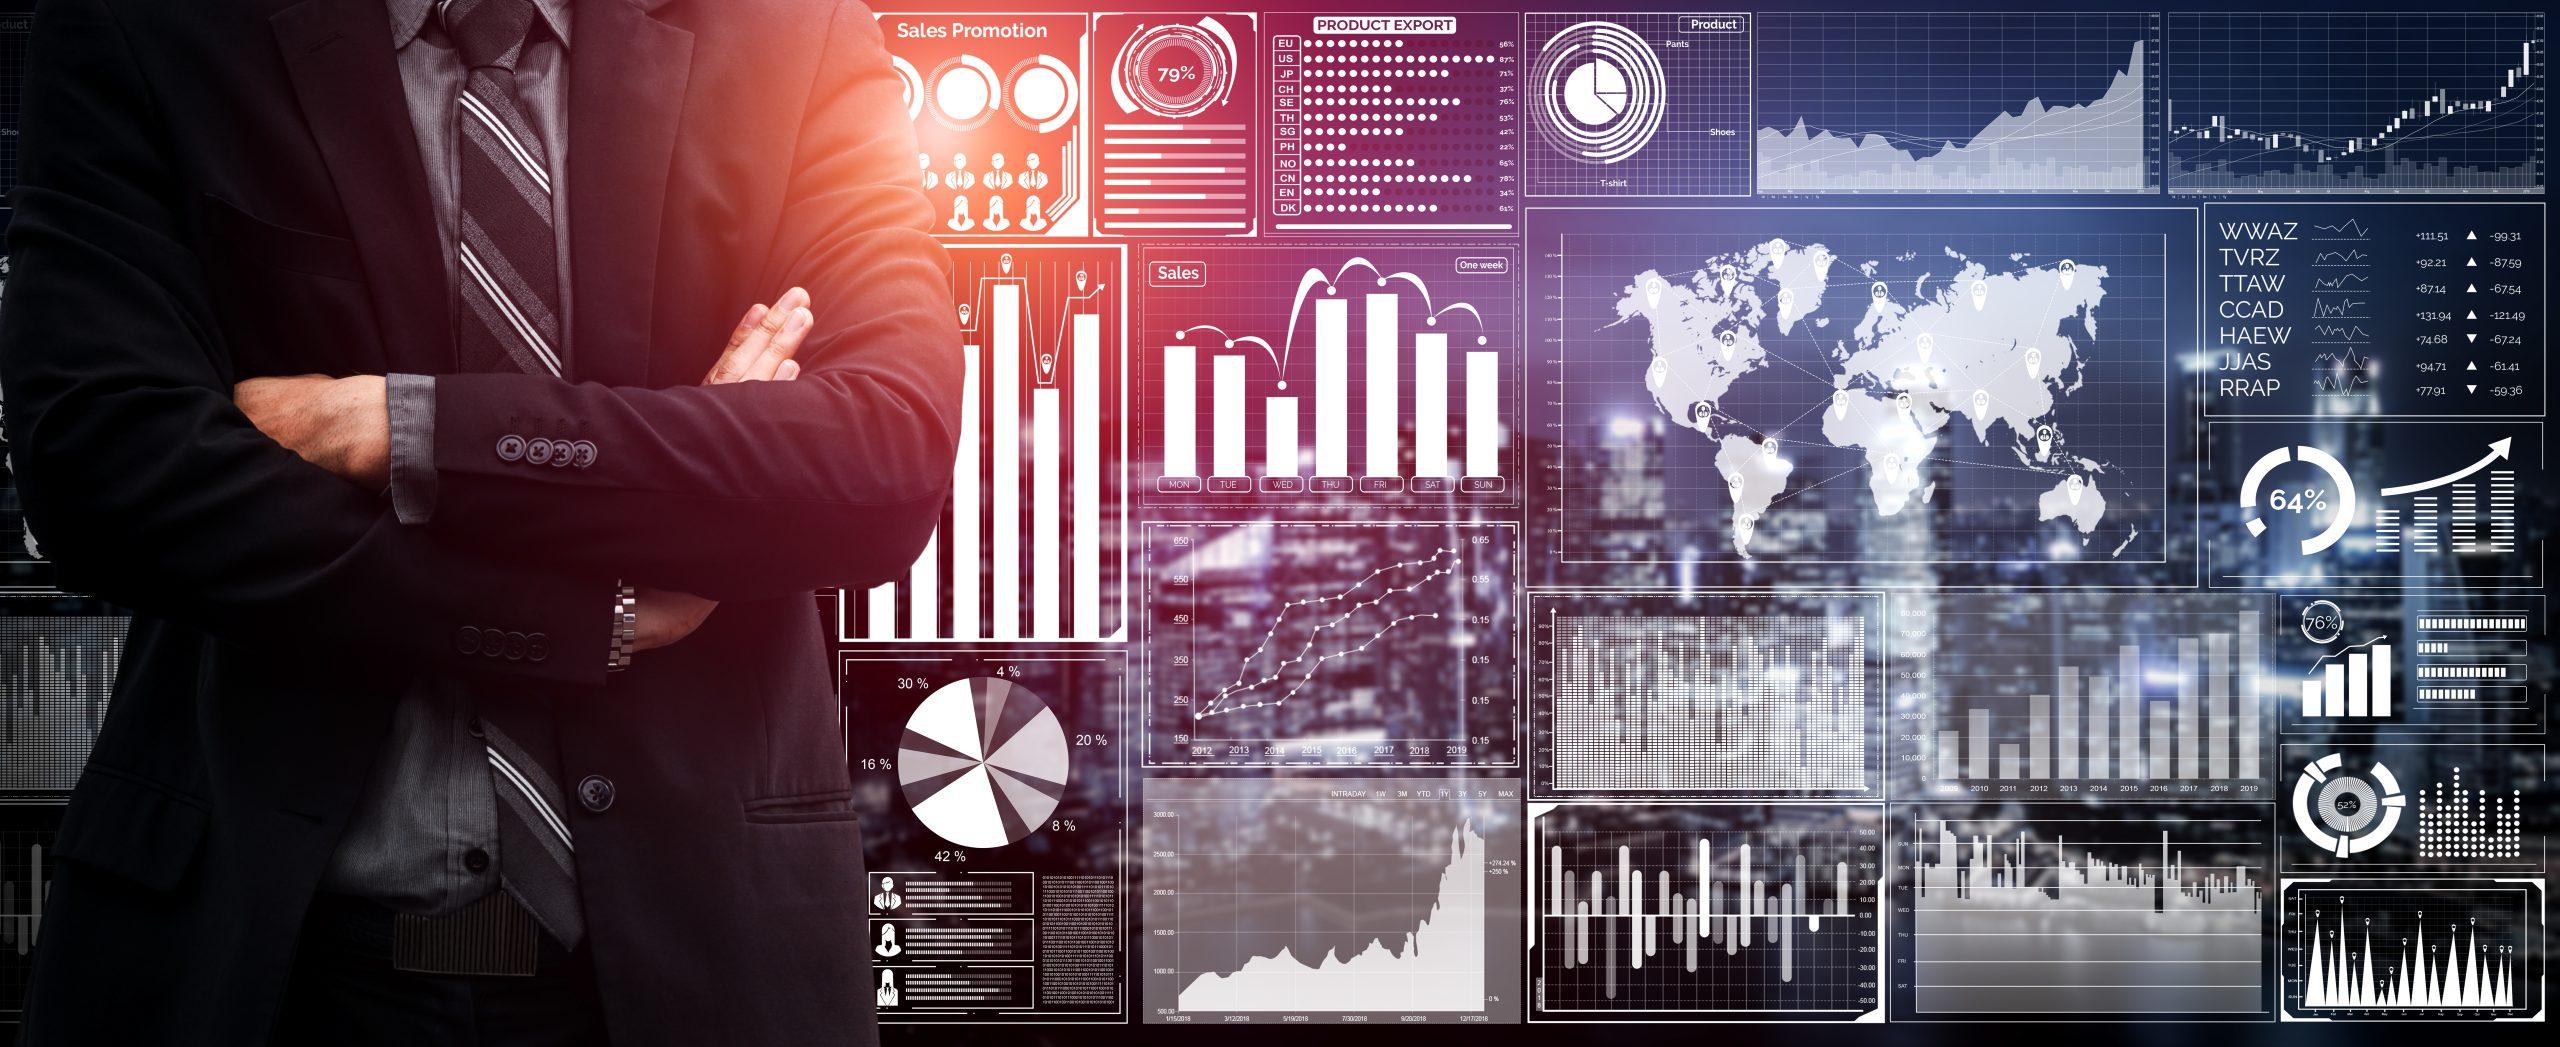 Transformation digitale : Les défis majeurs pour la fonction finance